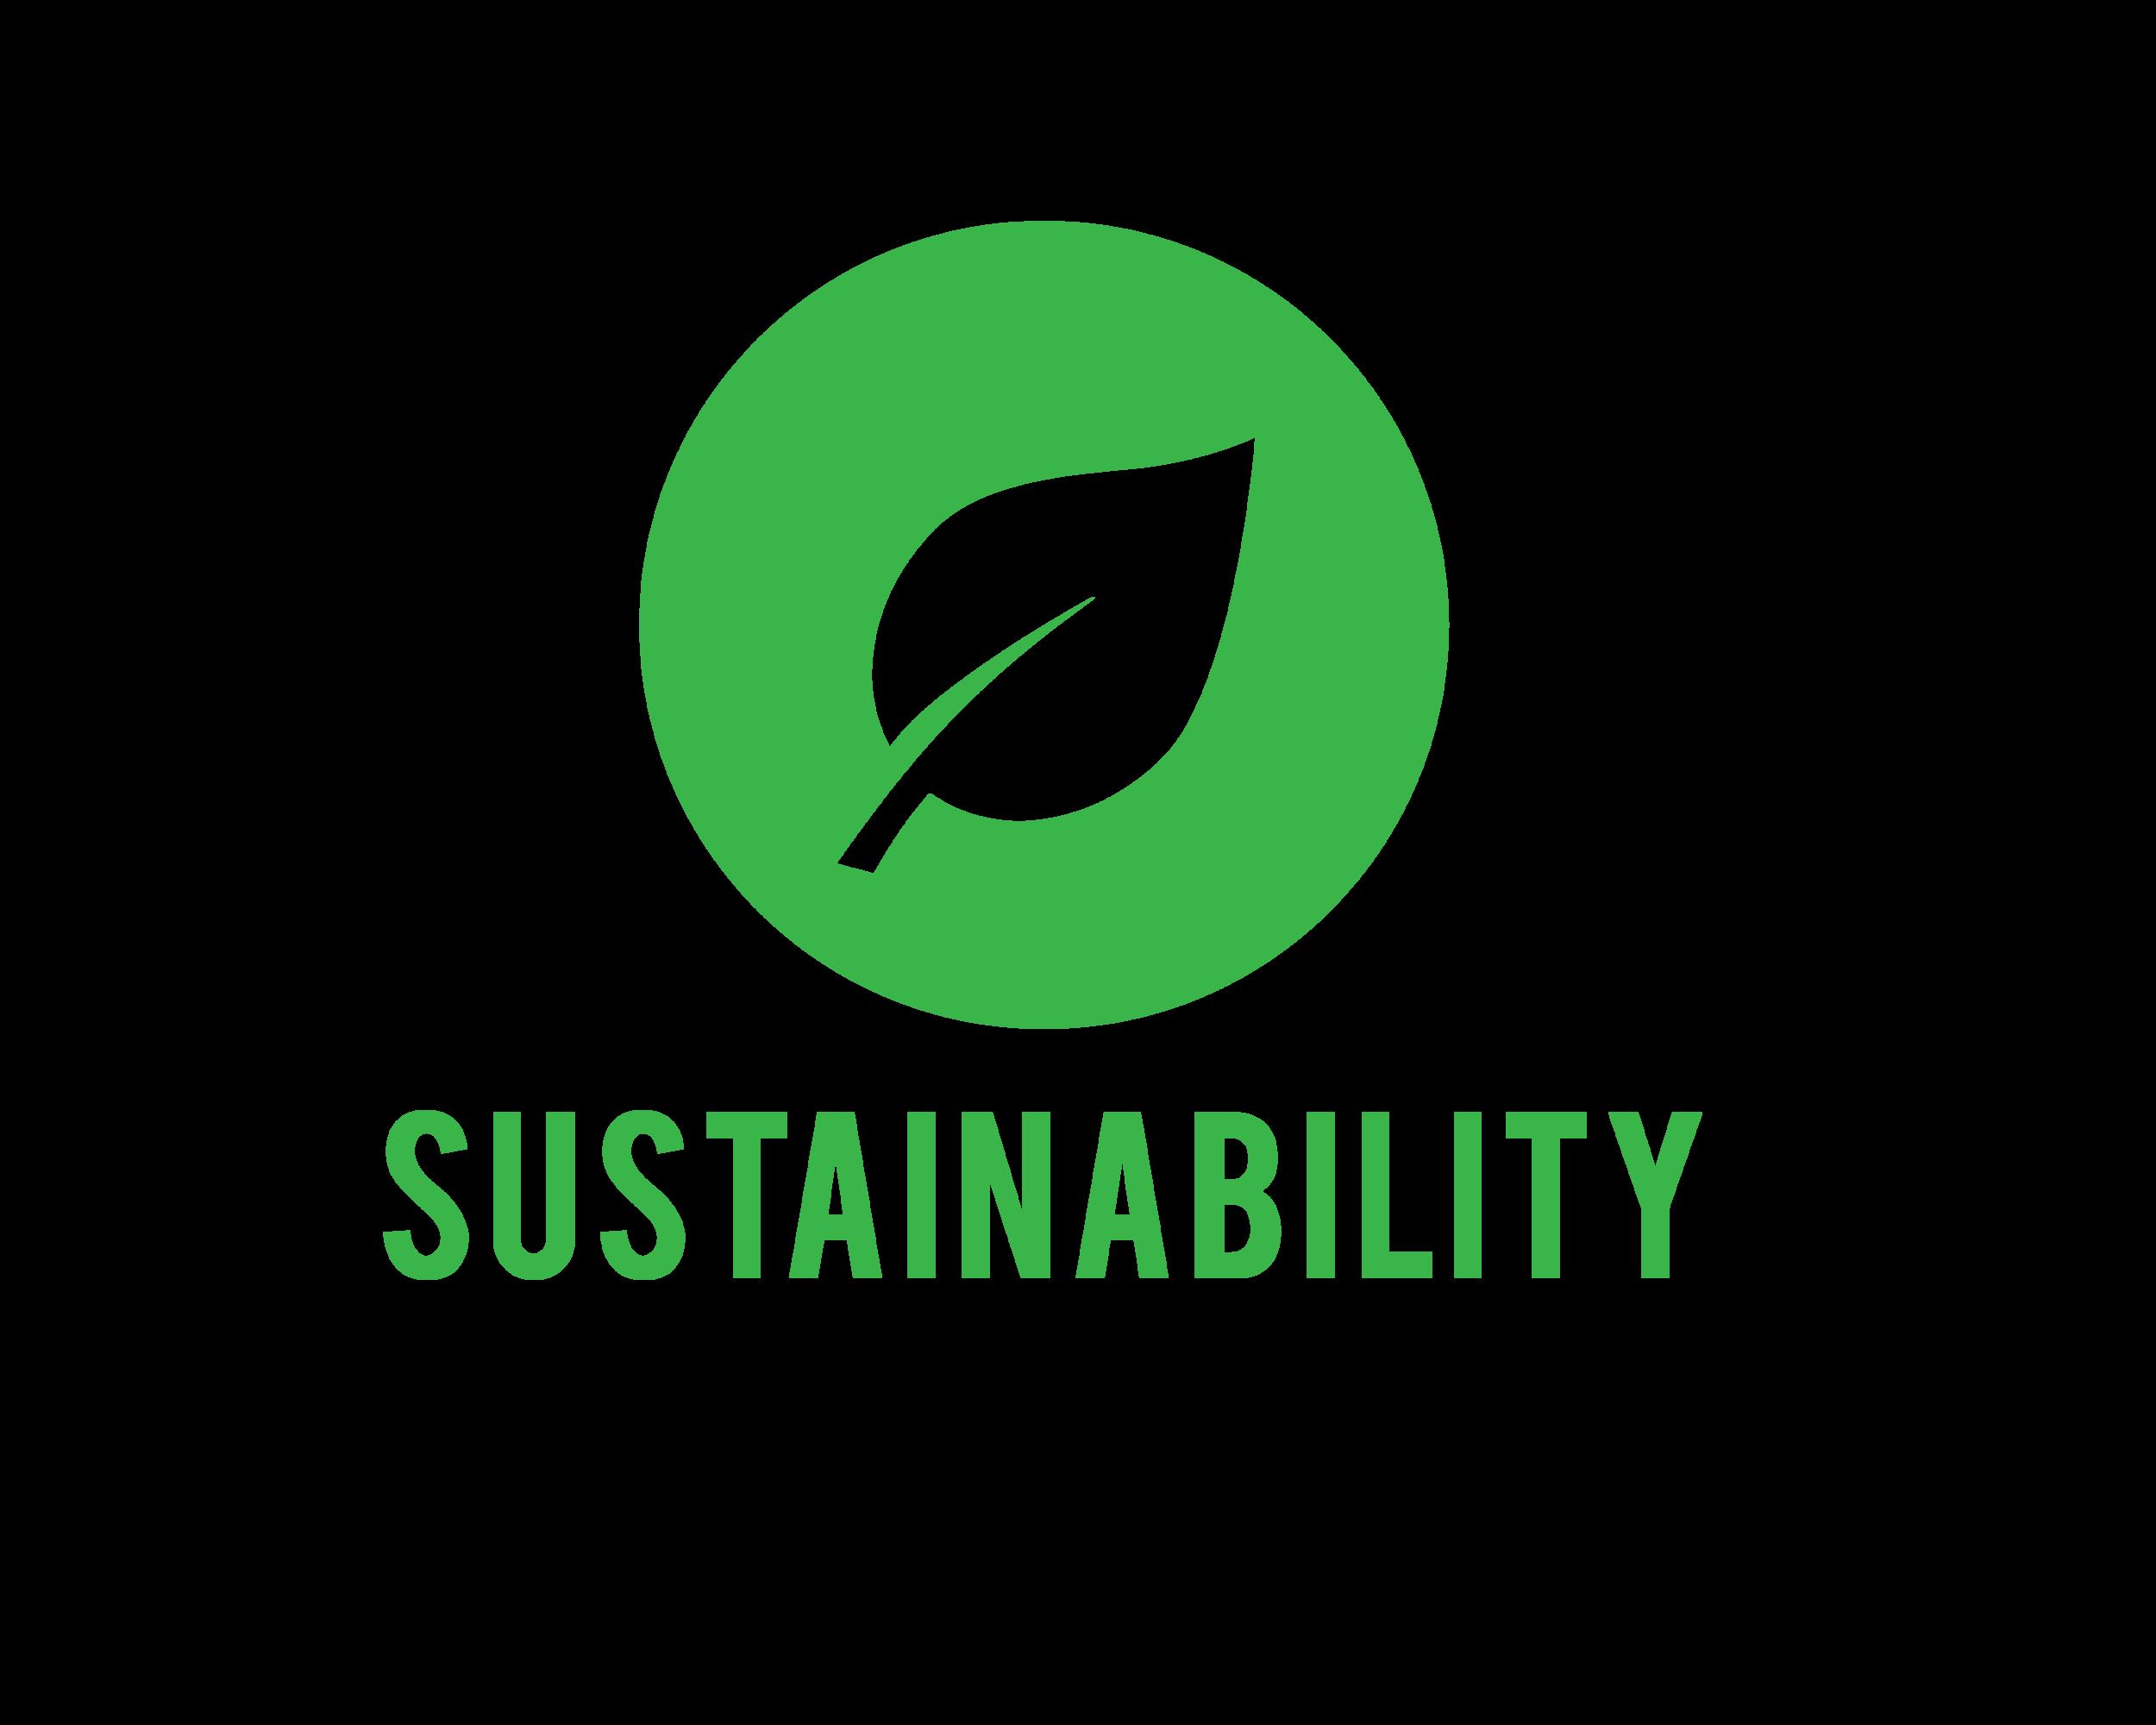 sustain-symbol-01.png